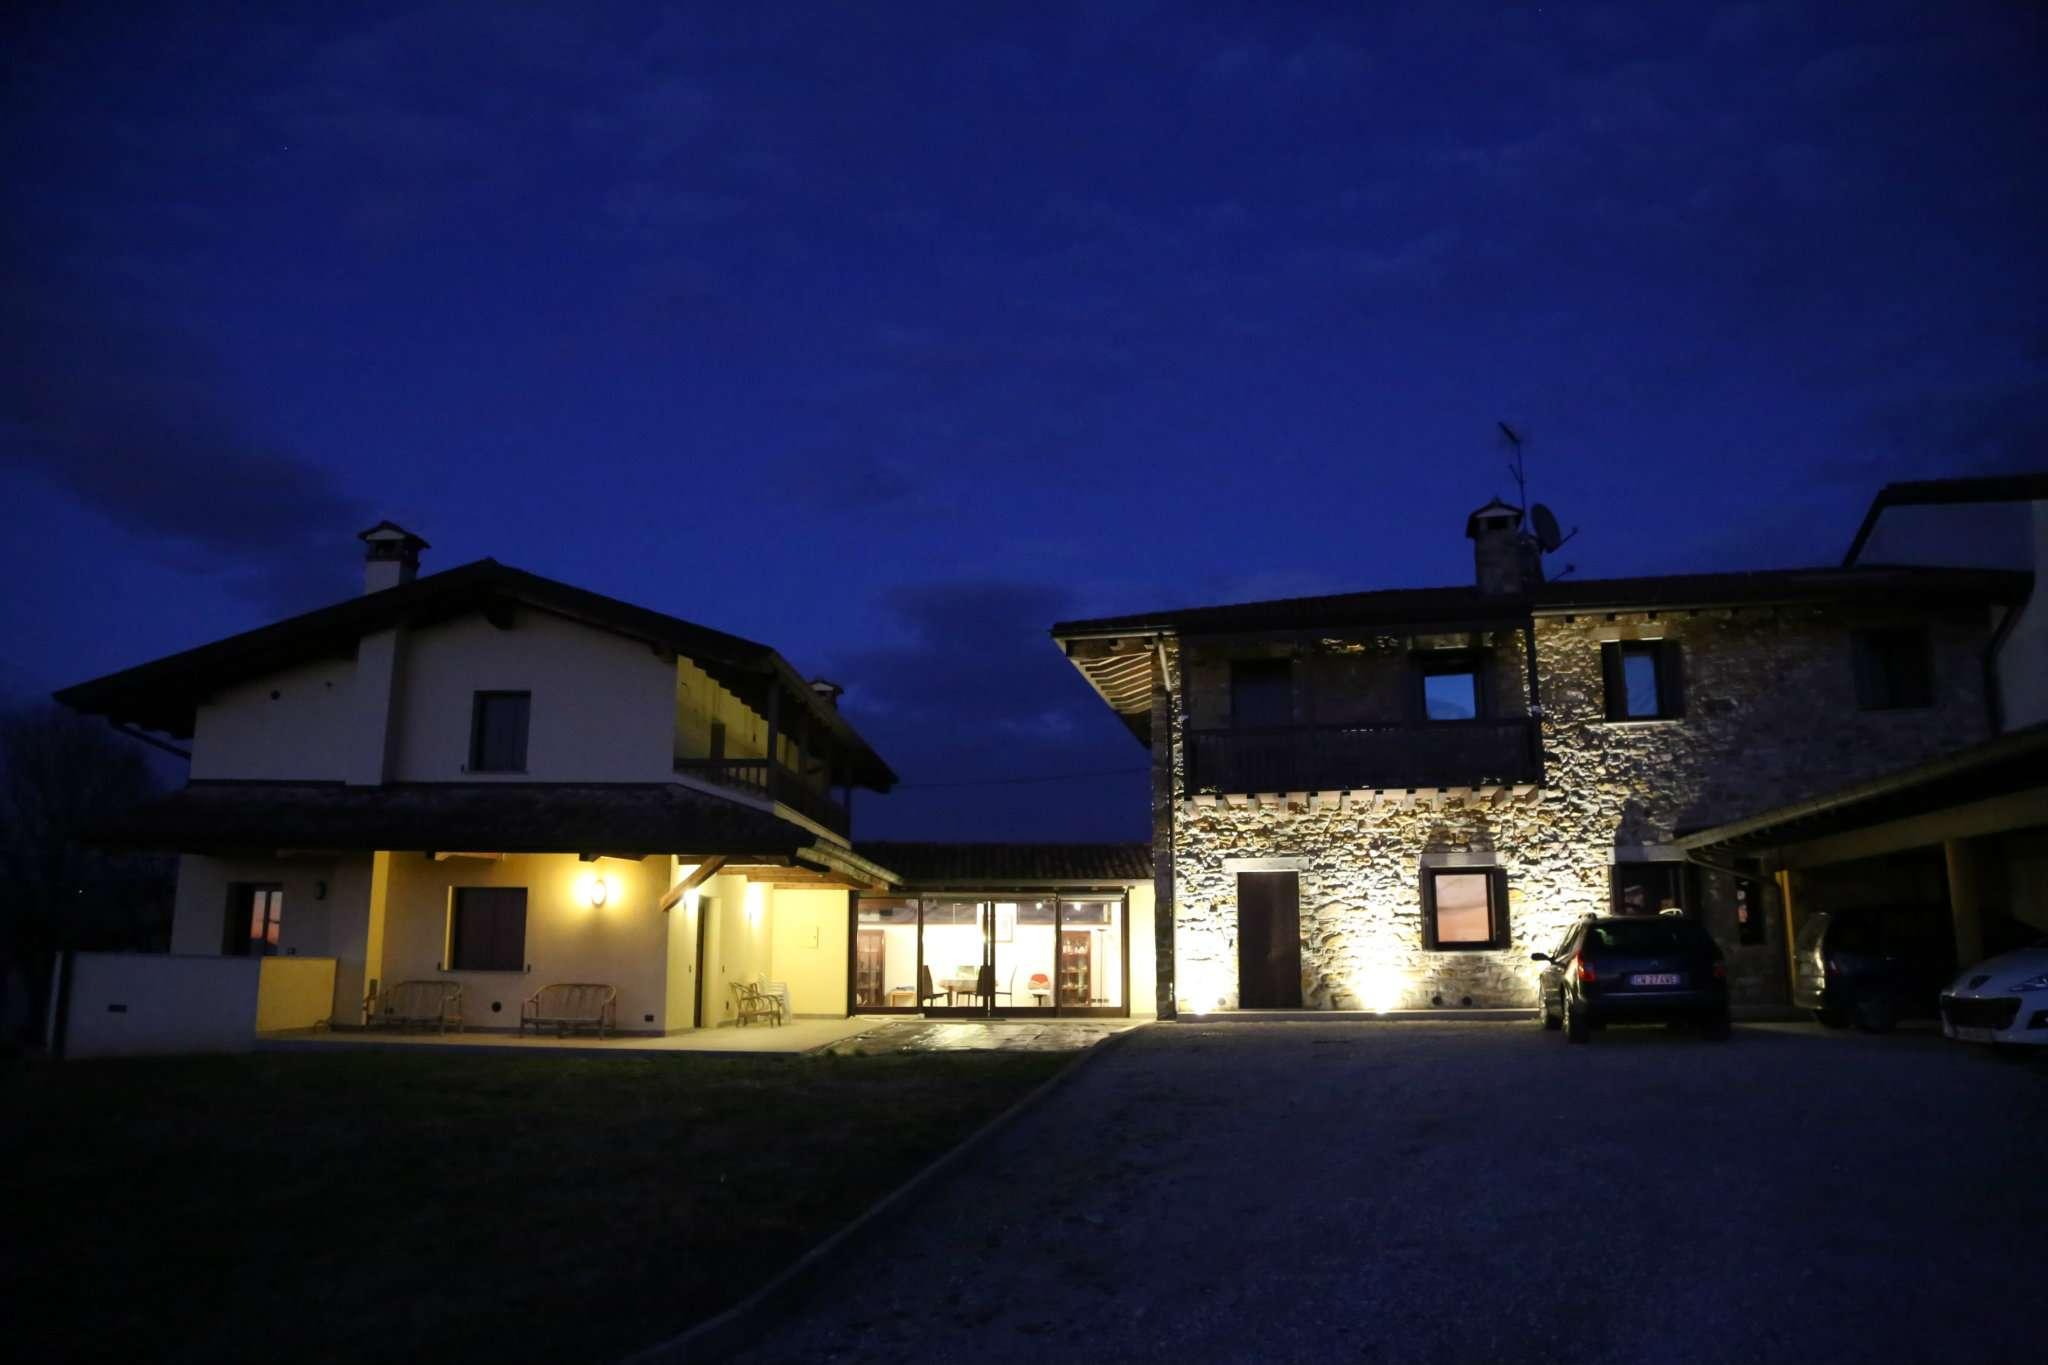 Soluzione Indipendente in vendita a Cividale del Friuli, 9 locali, prezzo € 650.000 | CambioCasa.it